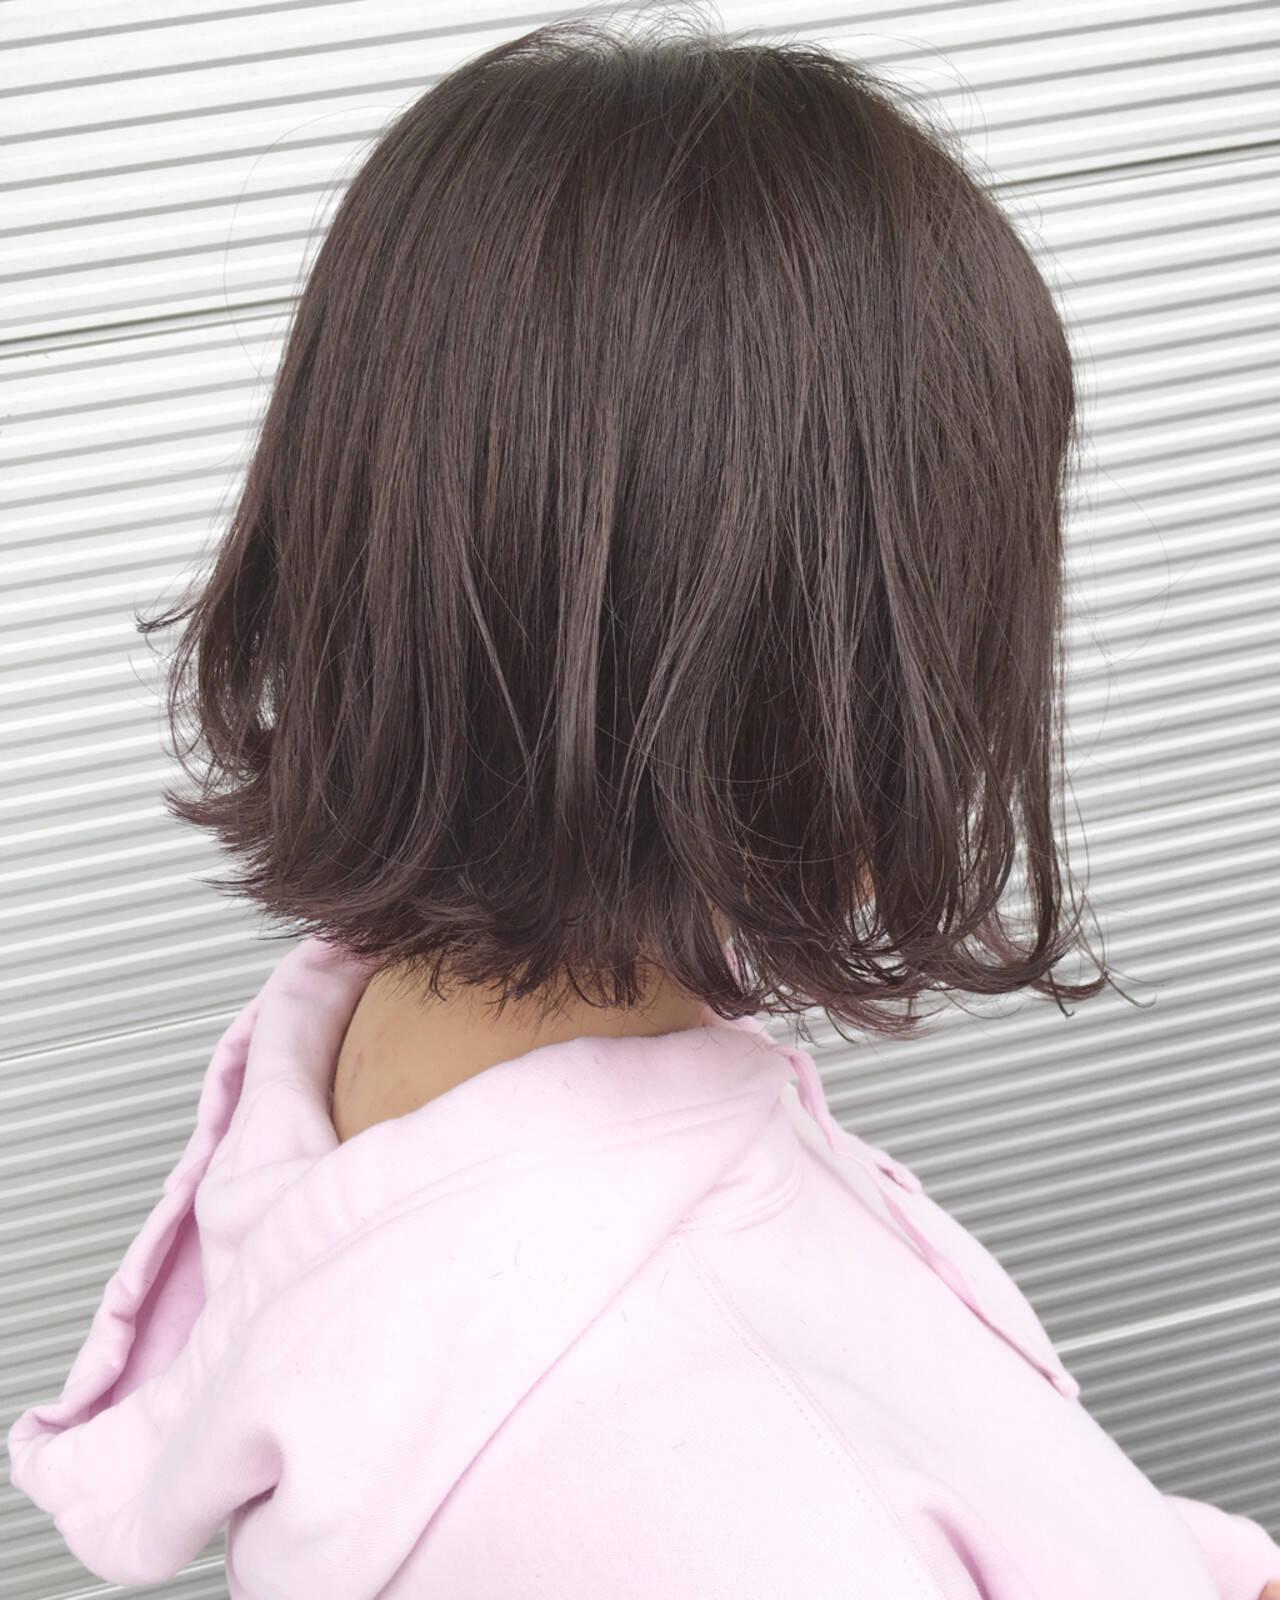 ラベンダーピンク ラベンダーアッシュ ボブ ナチュラルヘアスタイルや髪型の写真・画像